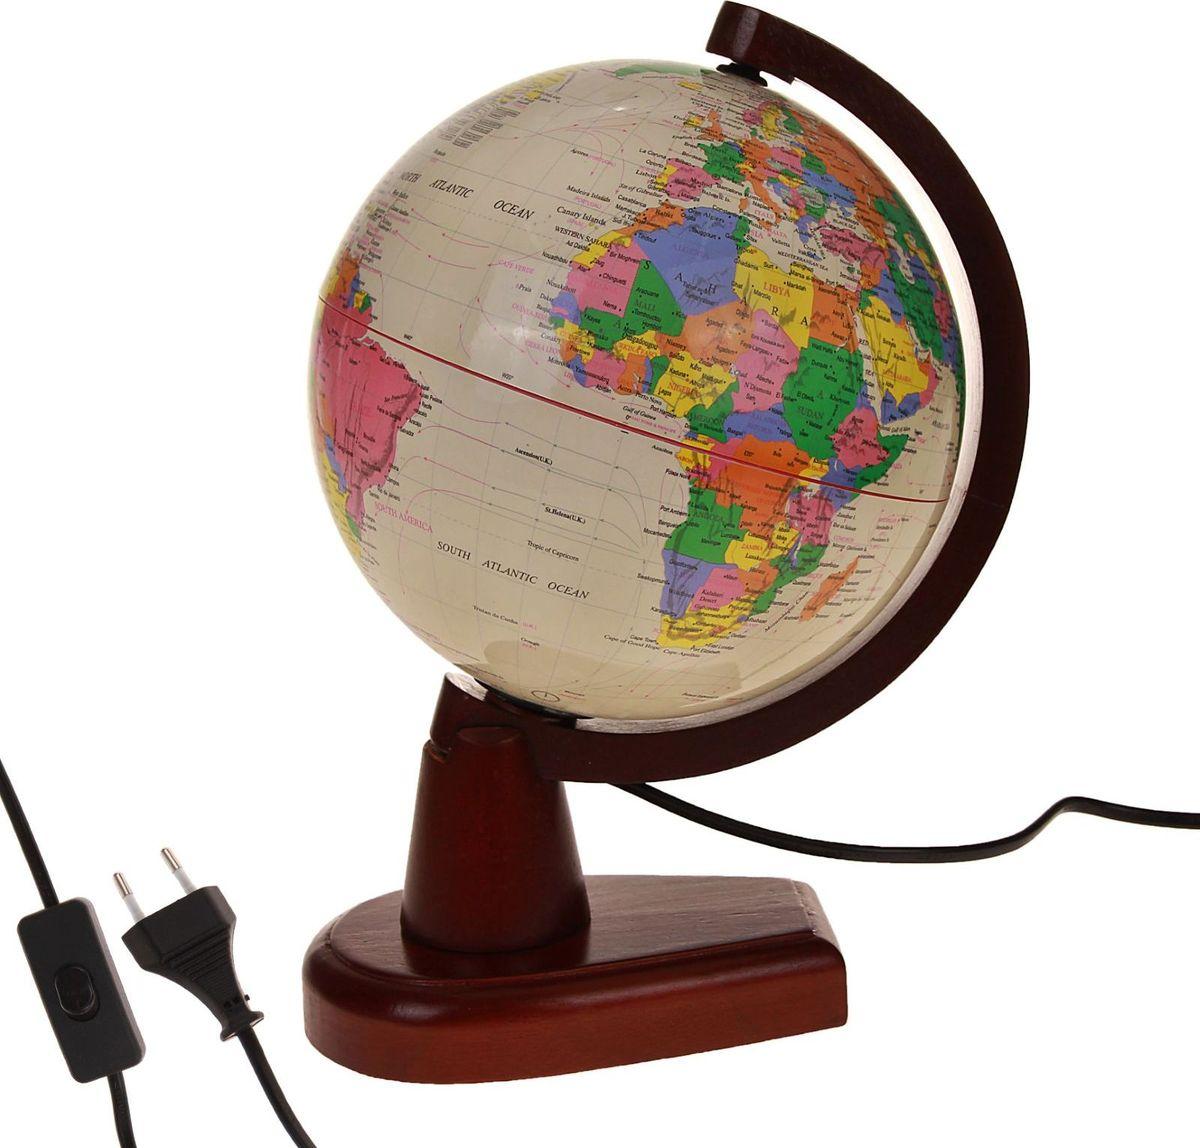 Глобус Политическая карта на английском языке диаметр 20 см1259362Данная модель дает представление о политическом устройстве мира. Макет показывает расположение государств, столиц и крупных населенных пунктов. Названия всех объектов приведены на английском языке. Страны окрашены в разные цвета, чтобы вам было удобнее ориентироваться. На глобусе также отображены: экватор параллели меридианы градусы государственные границы демаркационные линии.Используйте изделие как ночник. Он оснащен мягкой, приглушенной LED-подсветкой. Характеристики Высота глобуса с подставкой: 33 см. Диаметр: 20 см. Масштаб: 1:63 000 000.Изготовлен из прочного пластика.